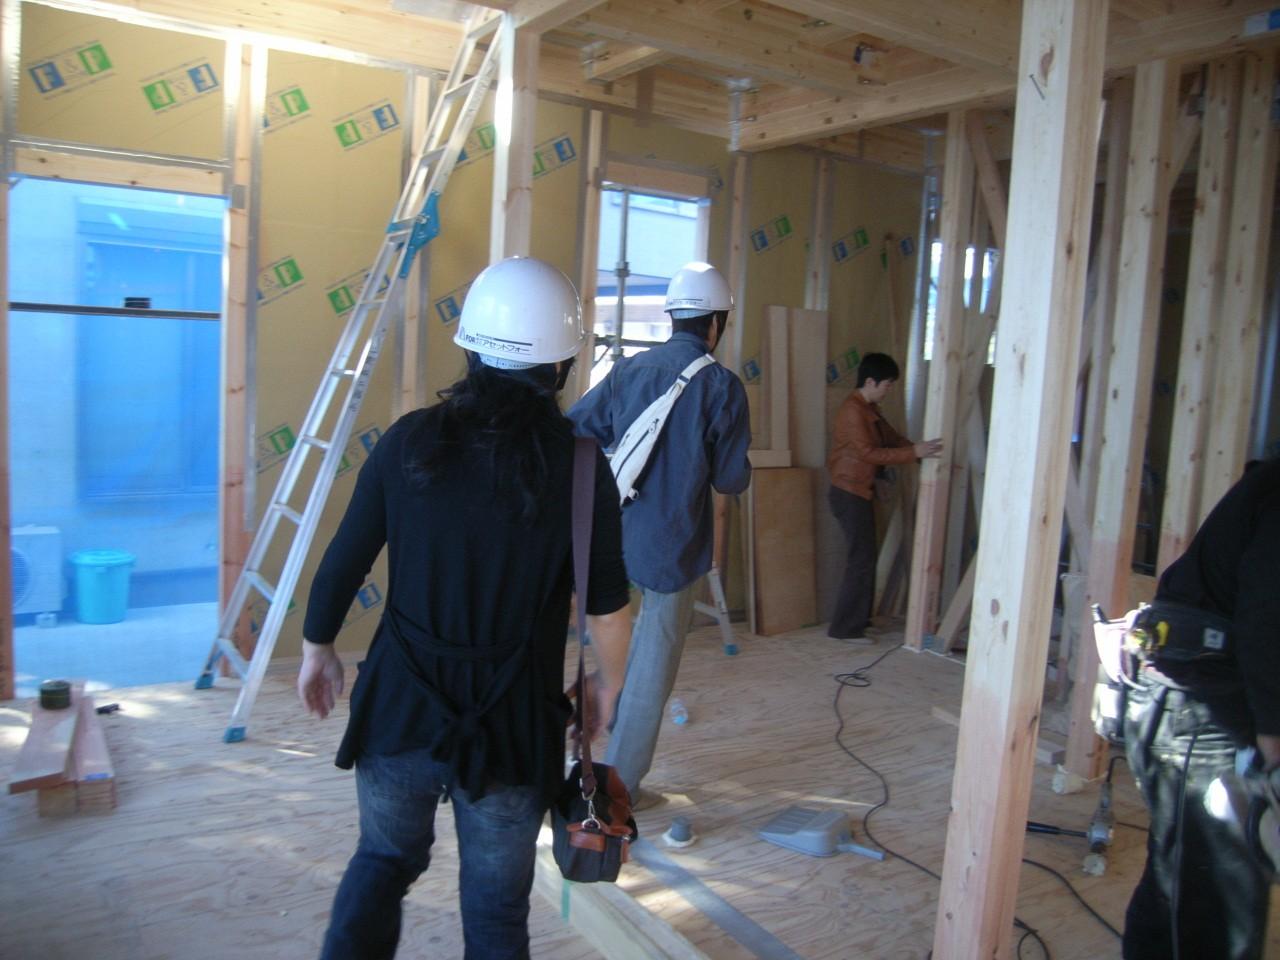 11月25日(日)北区西が丘 FPの家構造見学会を行います!